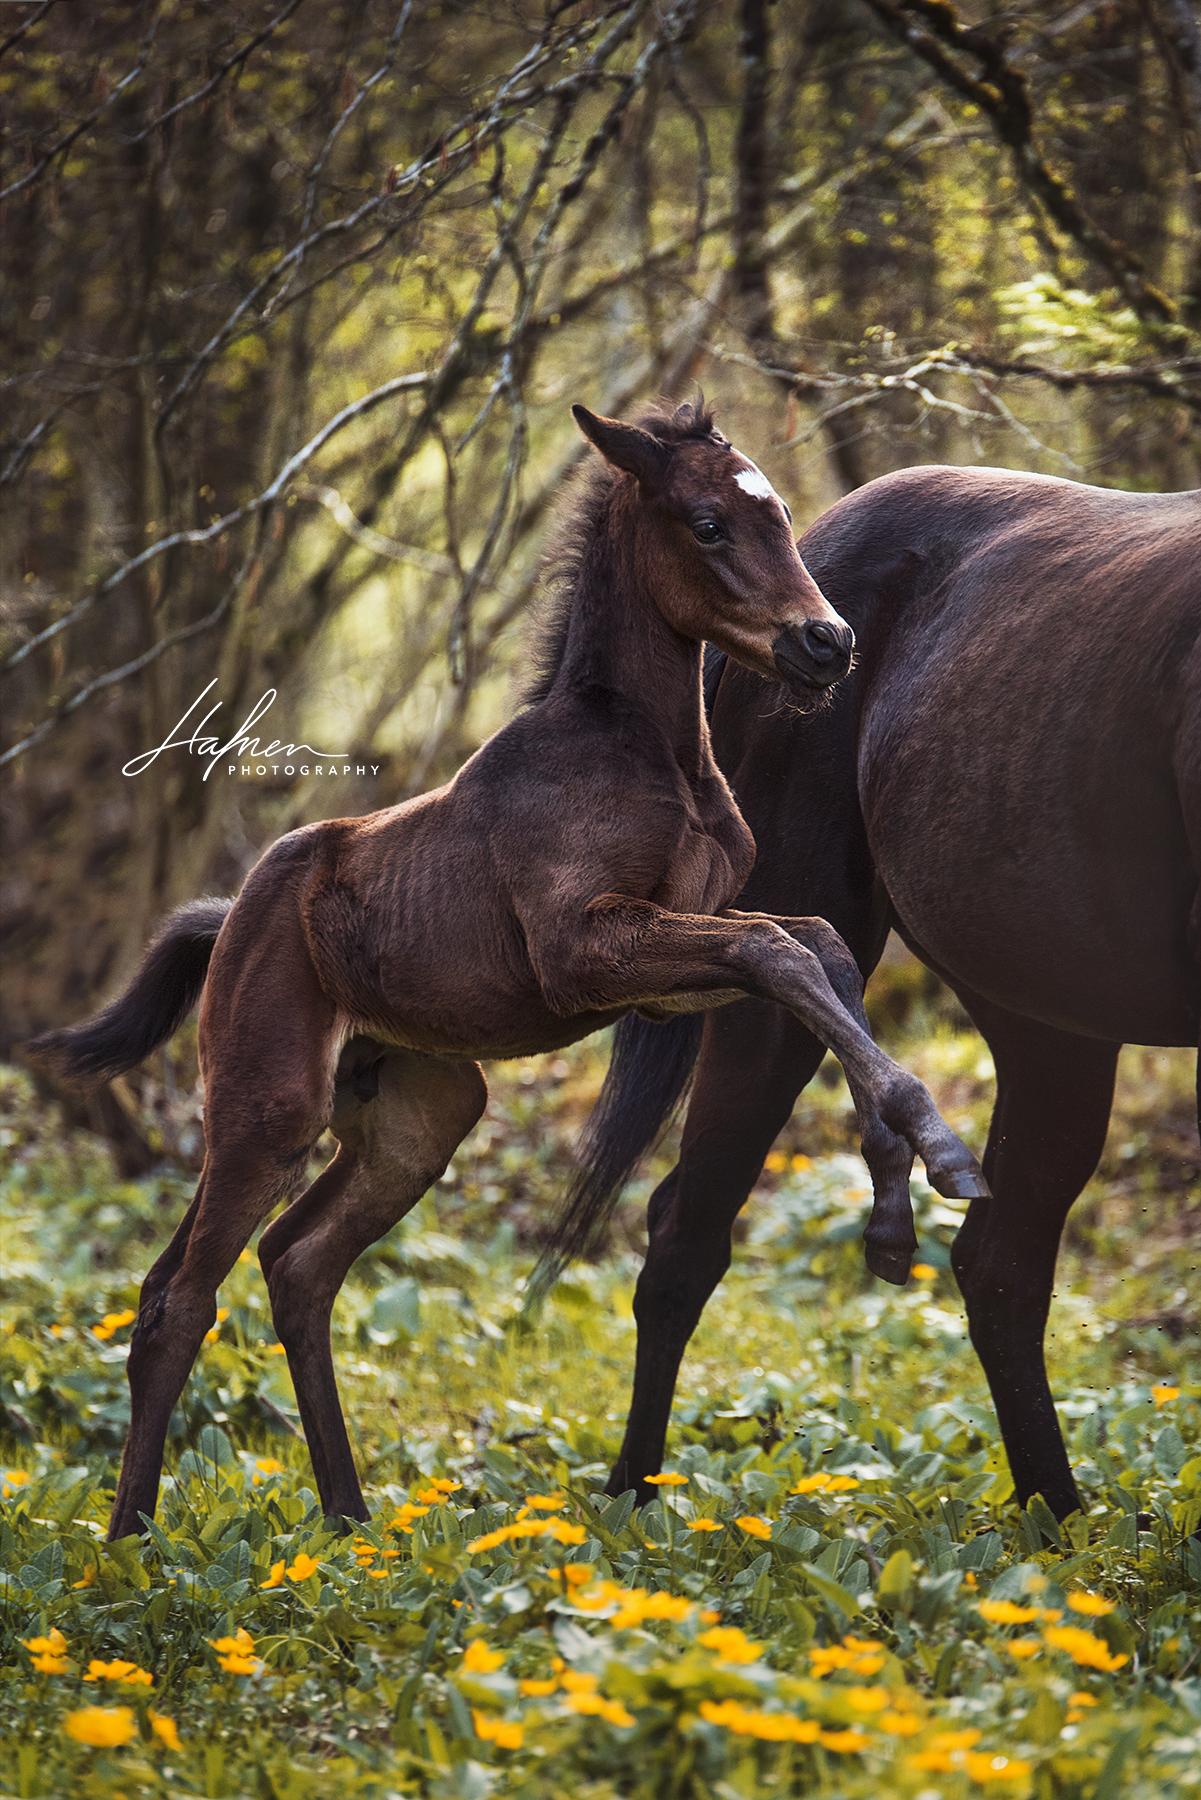 dunkelbraunes fohlen springt auf blumenwiese  pferd